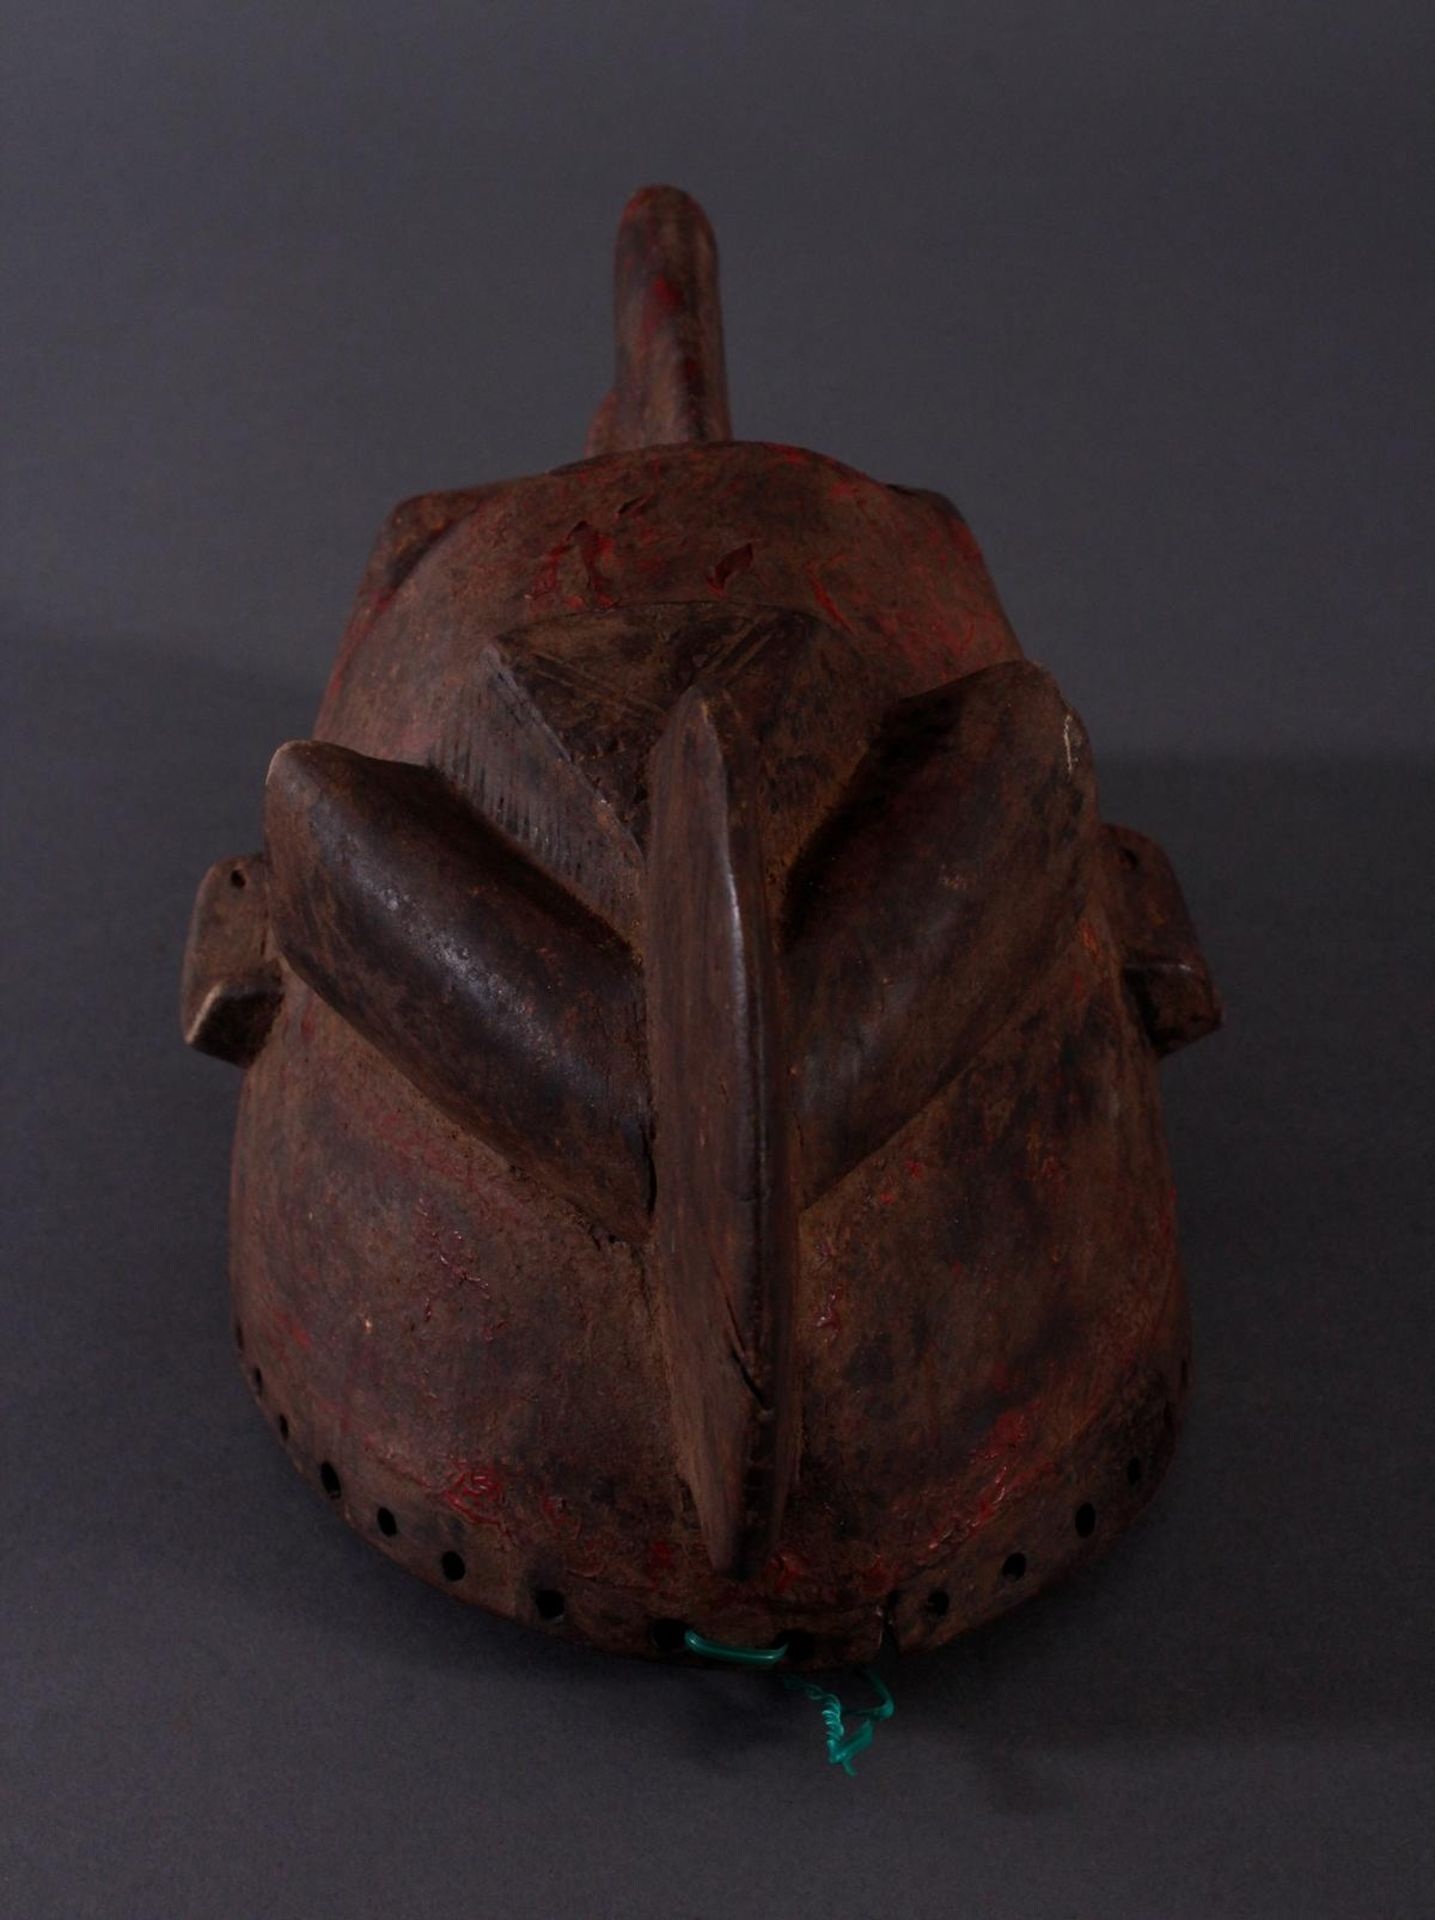 Antike Maske, Baule, Elfenbeinküste 1. Hälfte 20. Jh.Holz geschnitzt,dunkle Patina, Reste von - Bild 5 aus 6